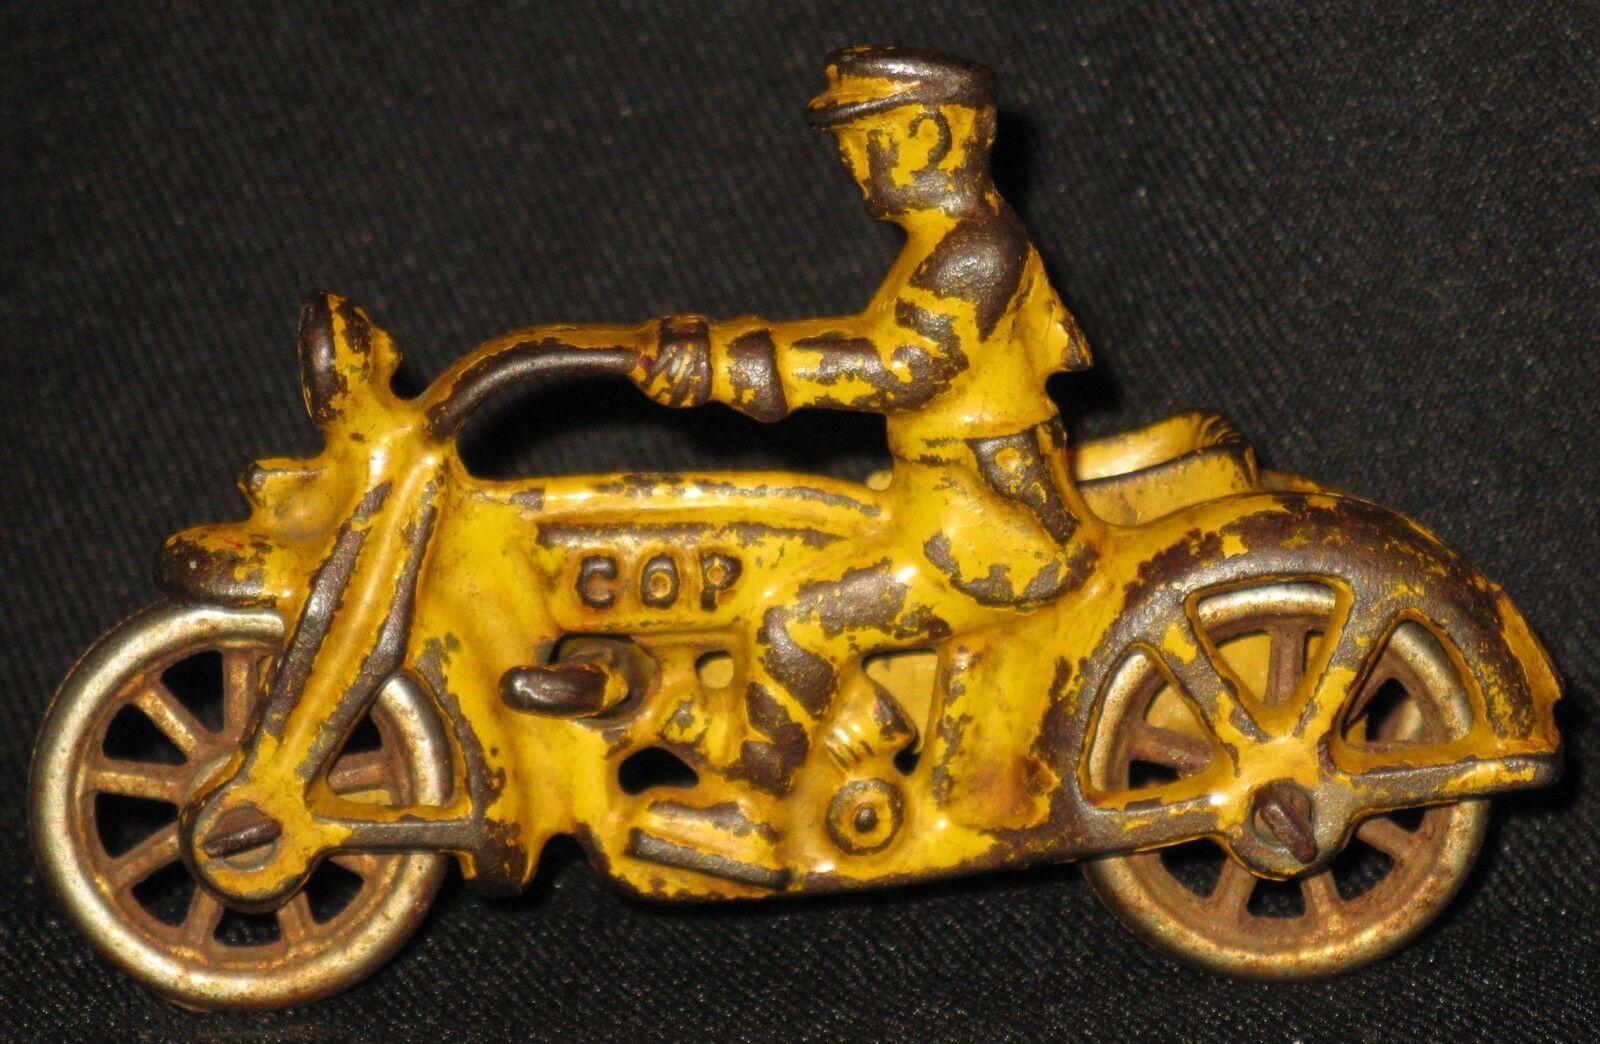 ANTIQUE CAST METAL TOY 'COP' MOTORCYCLE w SIDE CAR EARLY 1900's SPOKE WHEELS